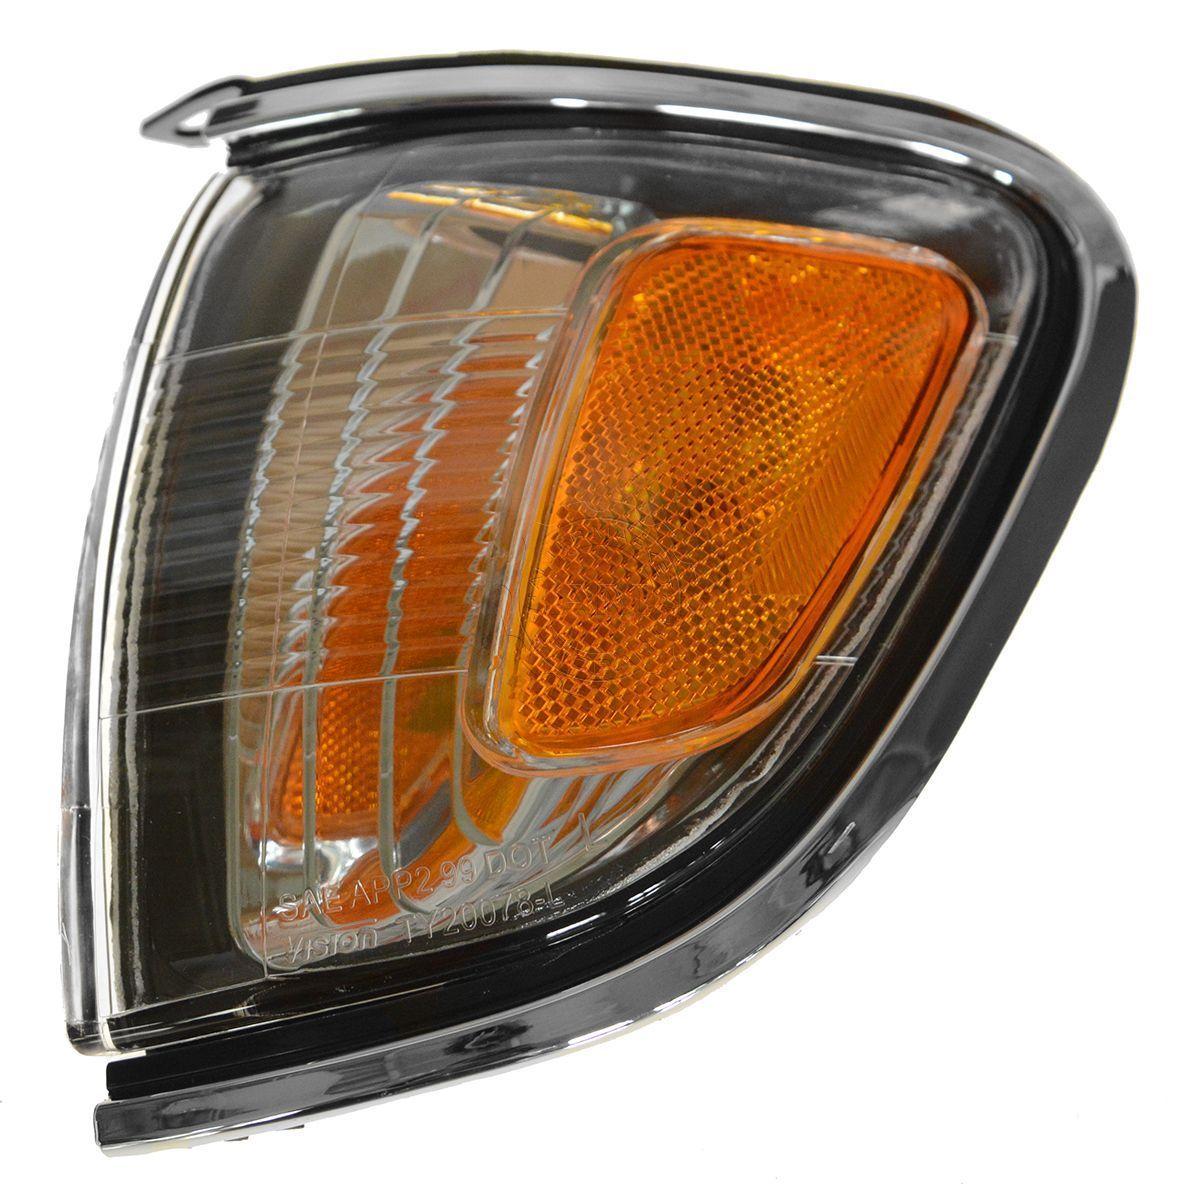 コーナーライト Left Corner Signal Parking Light w/ Chrome Trim for 01-04 Tacoma Pickup Truck 左コーナー信号パーキングライト付きクロムトリム01-04用タコマピックアップトラック用